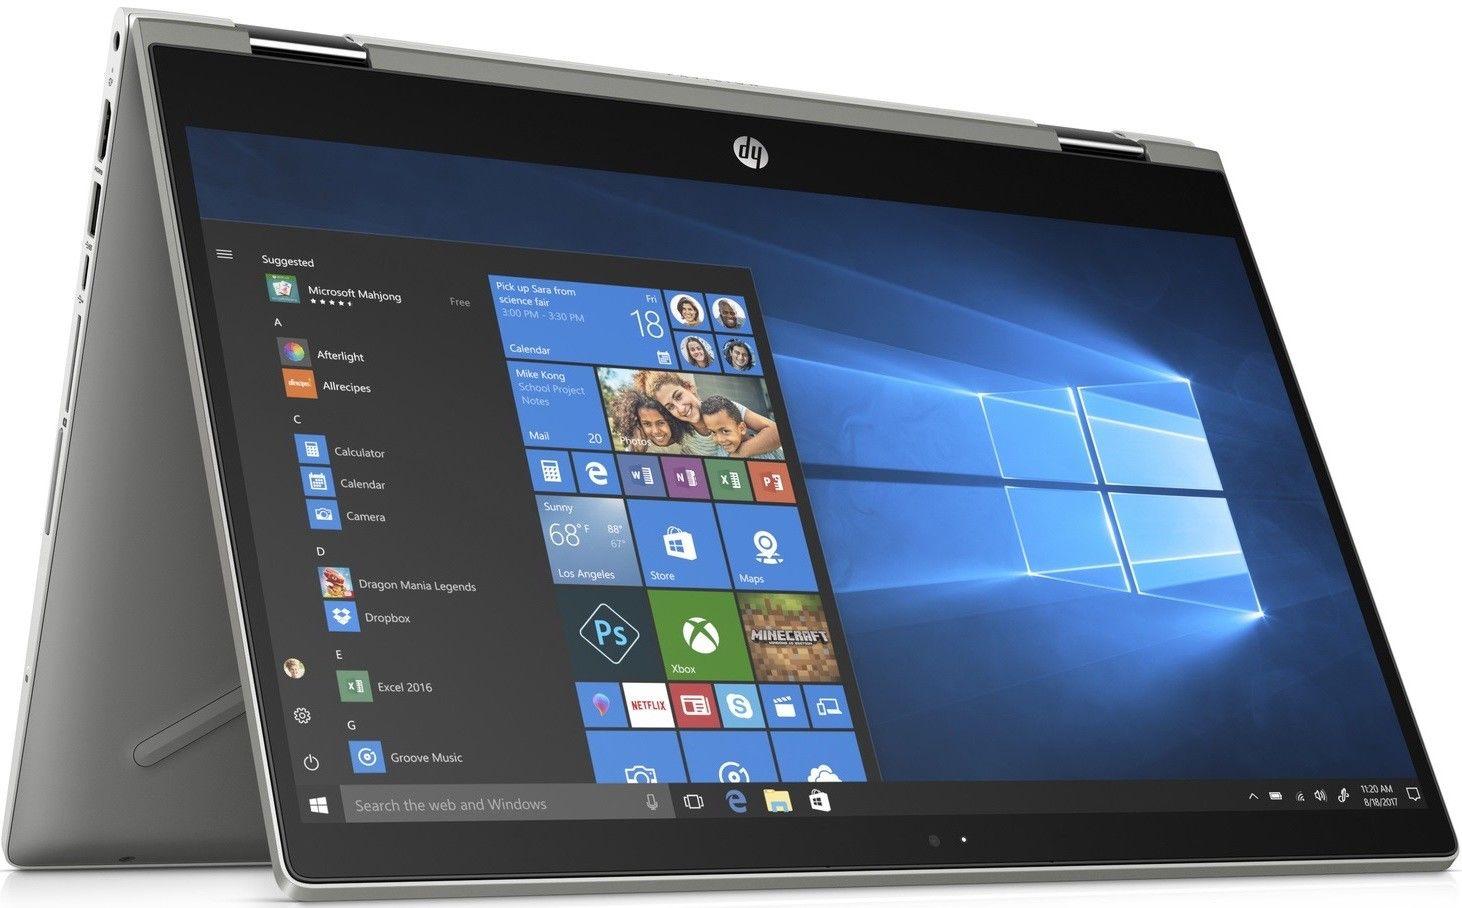 Laptop HP Pavilion x360 14-cd0014nw 5KR52EA